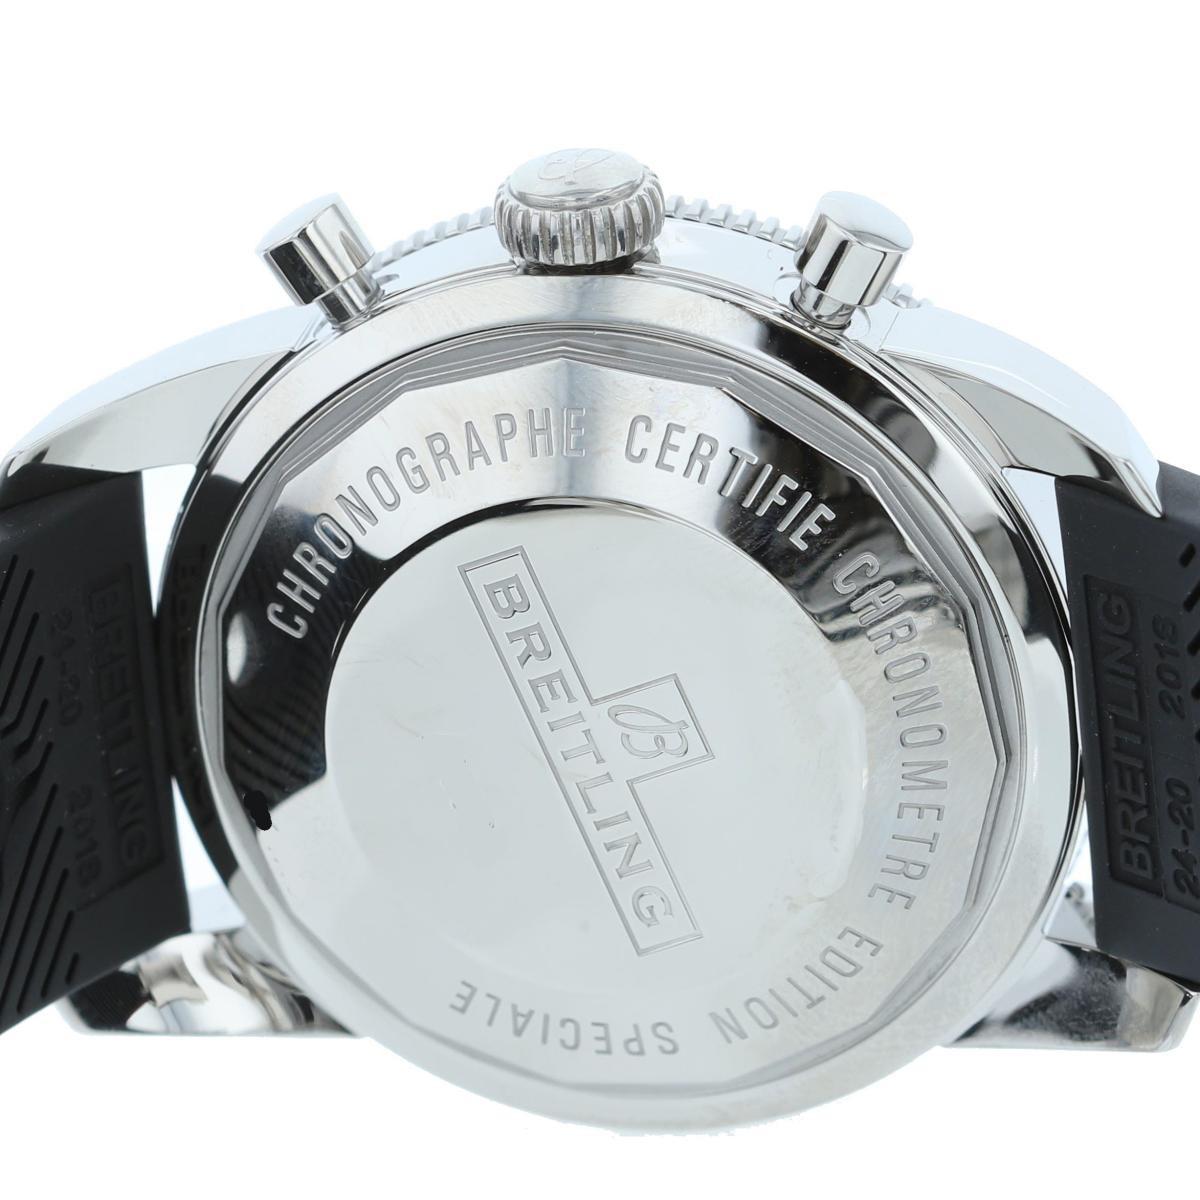 【中古】BREITLING (ブライトリング) スーパーオーシャン ヘリテージ クロノグラフ 時計 自動巻き/メンズ  Black/ブラック A13320/A1332024/ used:A